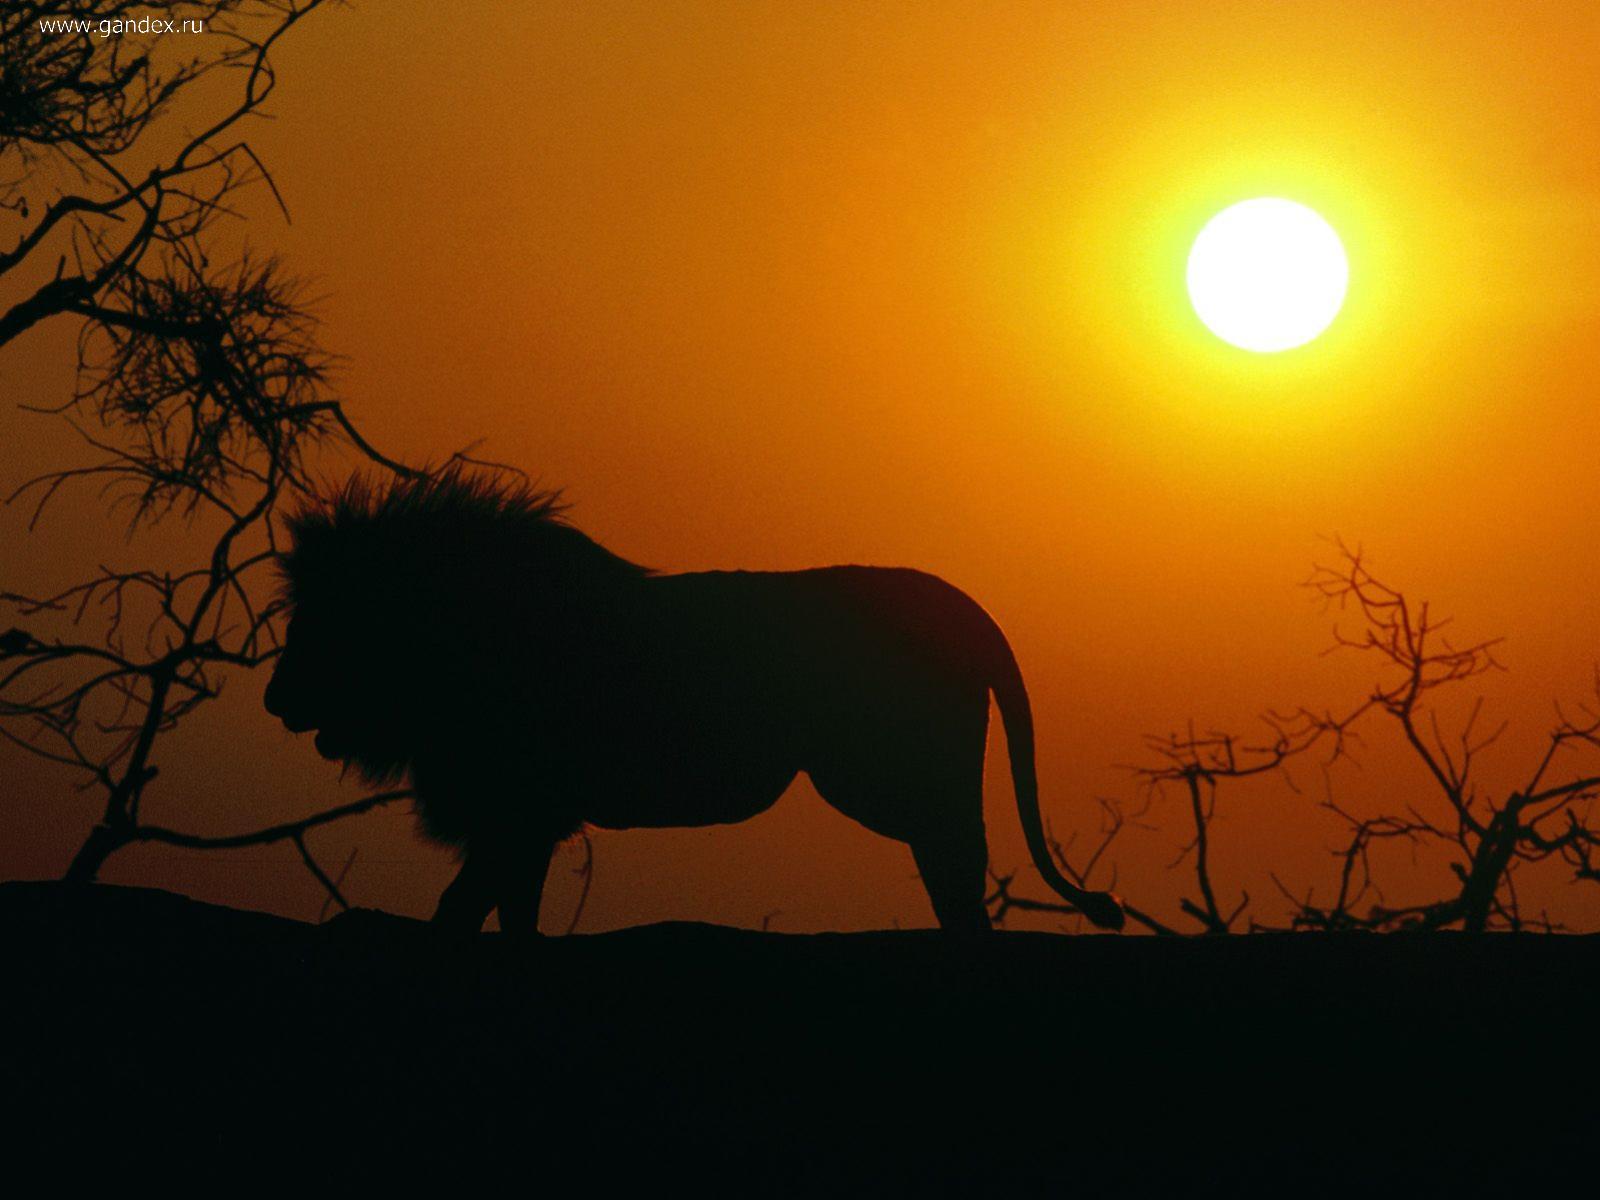 lion wallpaper, силуэт льва на фоне заката, скачать фото, обои для рабчоего стола